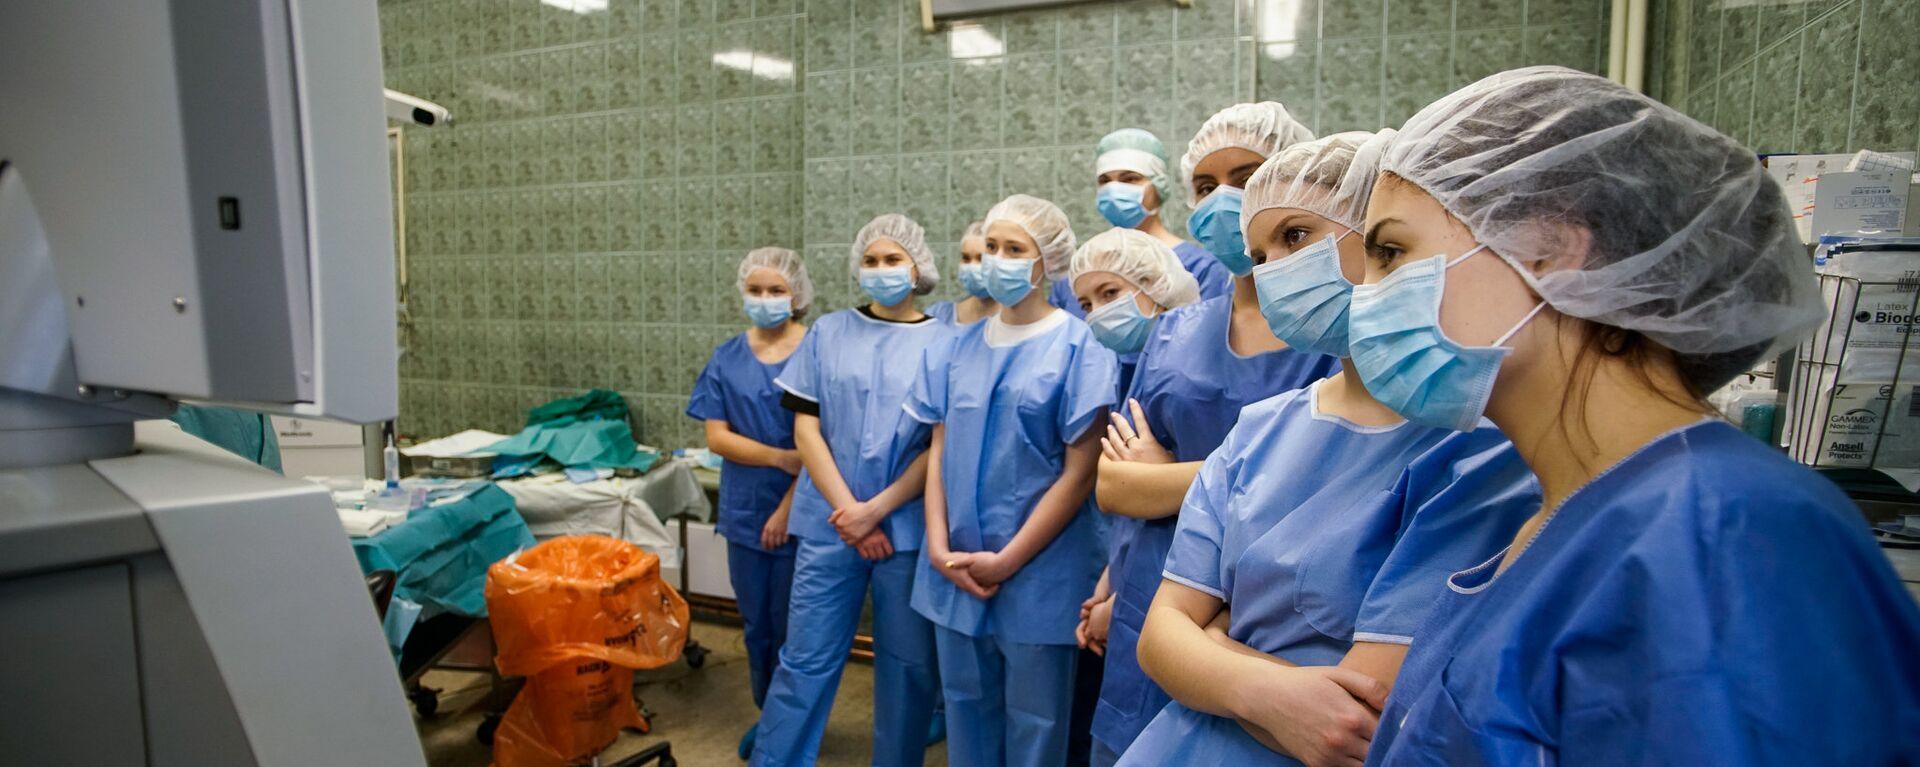 Участники образовательной акции День теней на хирургической операции в больнице им. Паула Страдыня - Sputnik Латвия, 1920, 05.07.2021